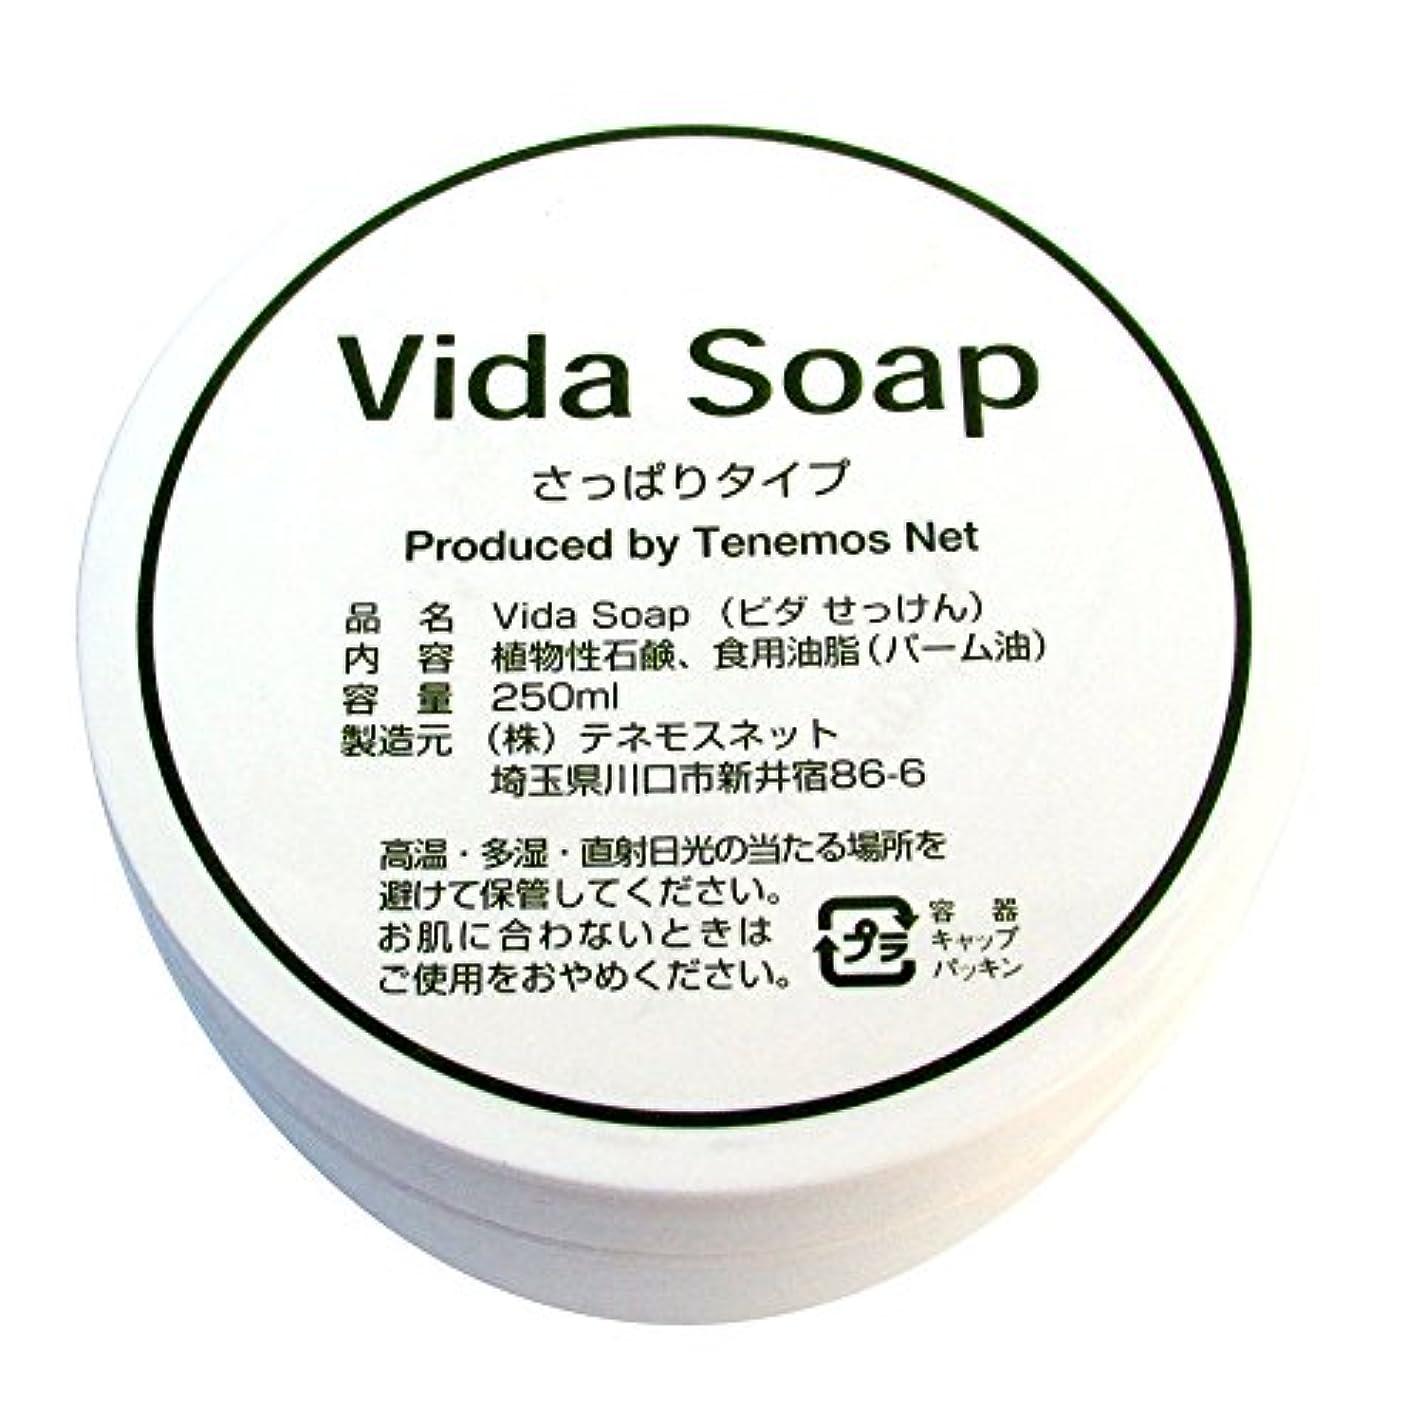 アスリート懐図テネモス ビダせっけん Vida Soap さっぱりノーマル 植物性 250ml